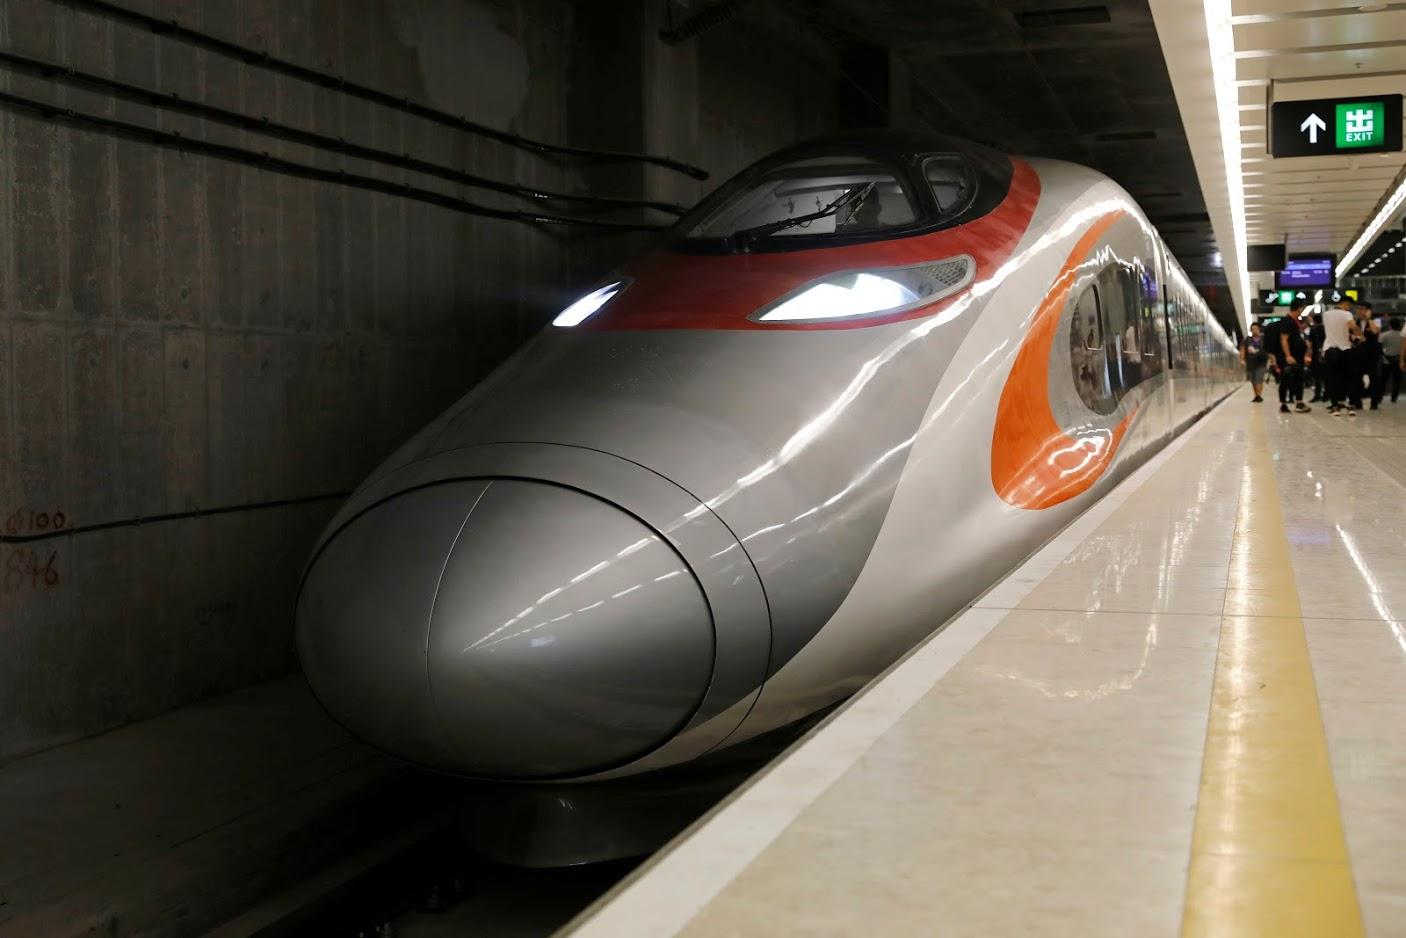 जापनमधील सेंडई आणि ओमोरी या 280 किमी अंतर असलेल्या दोन शहरांदरम्यान या बुलेट ट्रेनची चाचणी घेतली जात आहे.